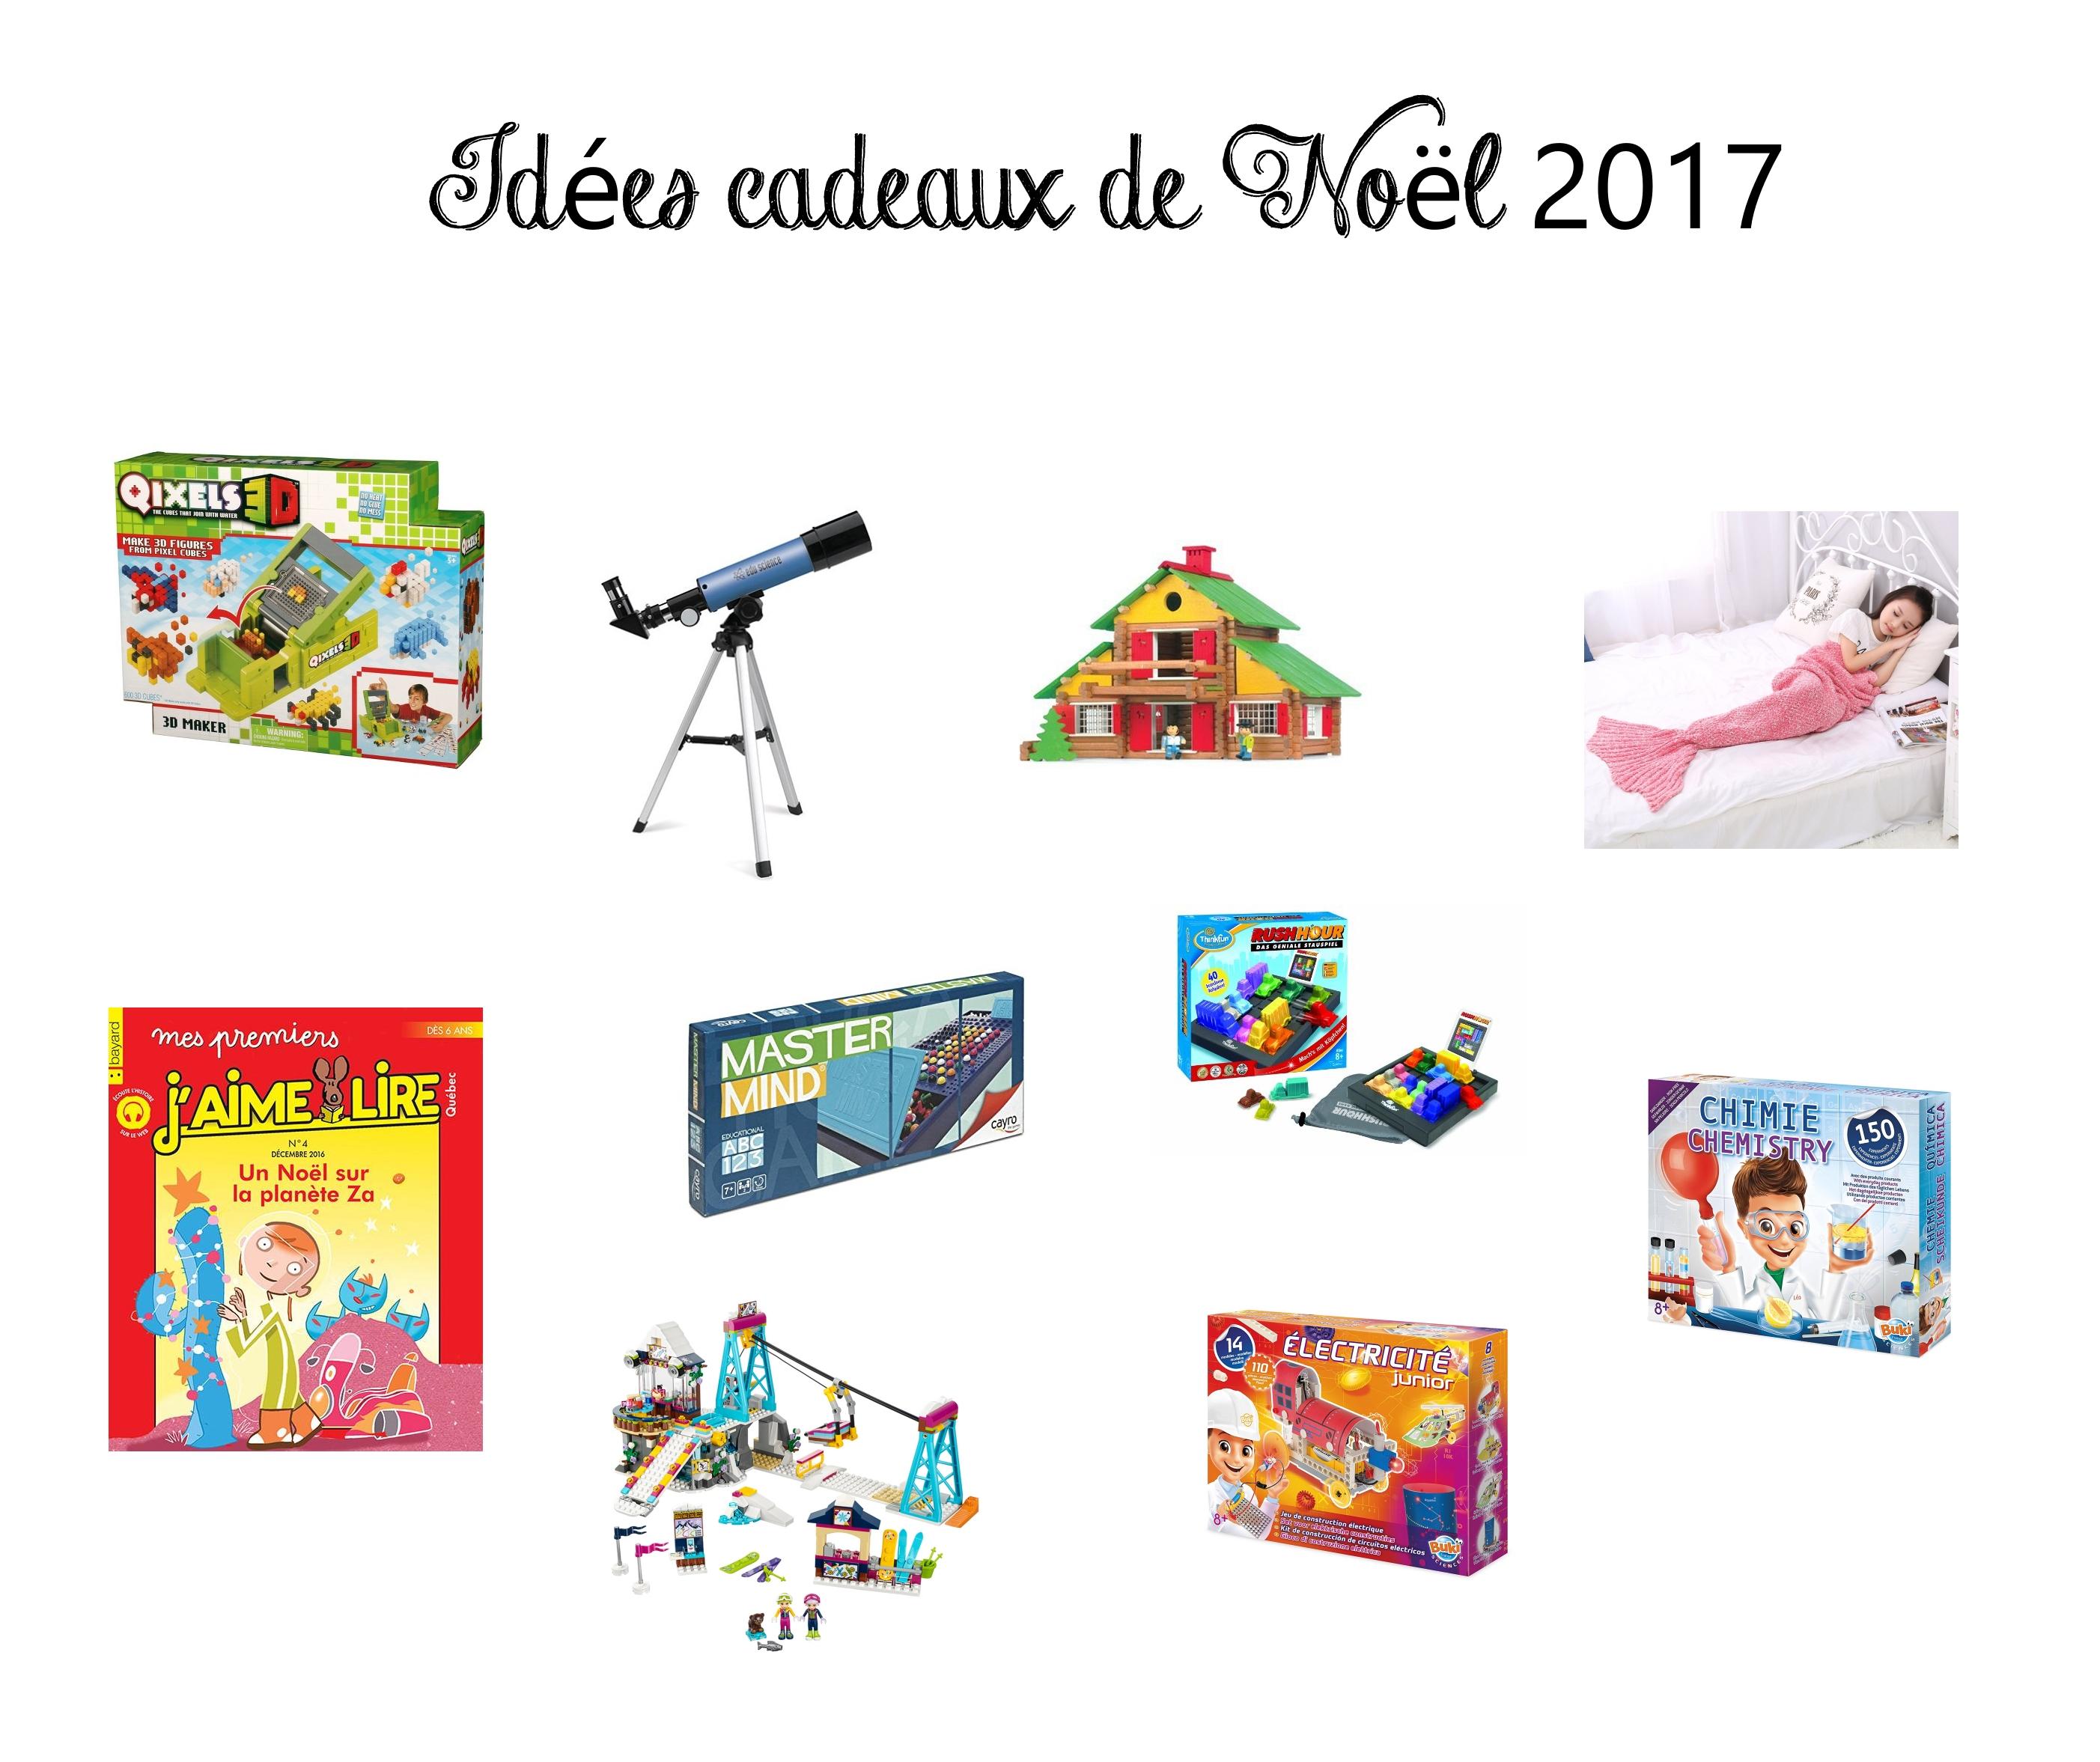 Noël 2017} 13 Idées Cadeaux Pour Des Enfants De 5 À 7 Ans destiné Jeux Pour Enfant De 5 Ans